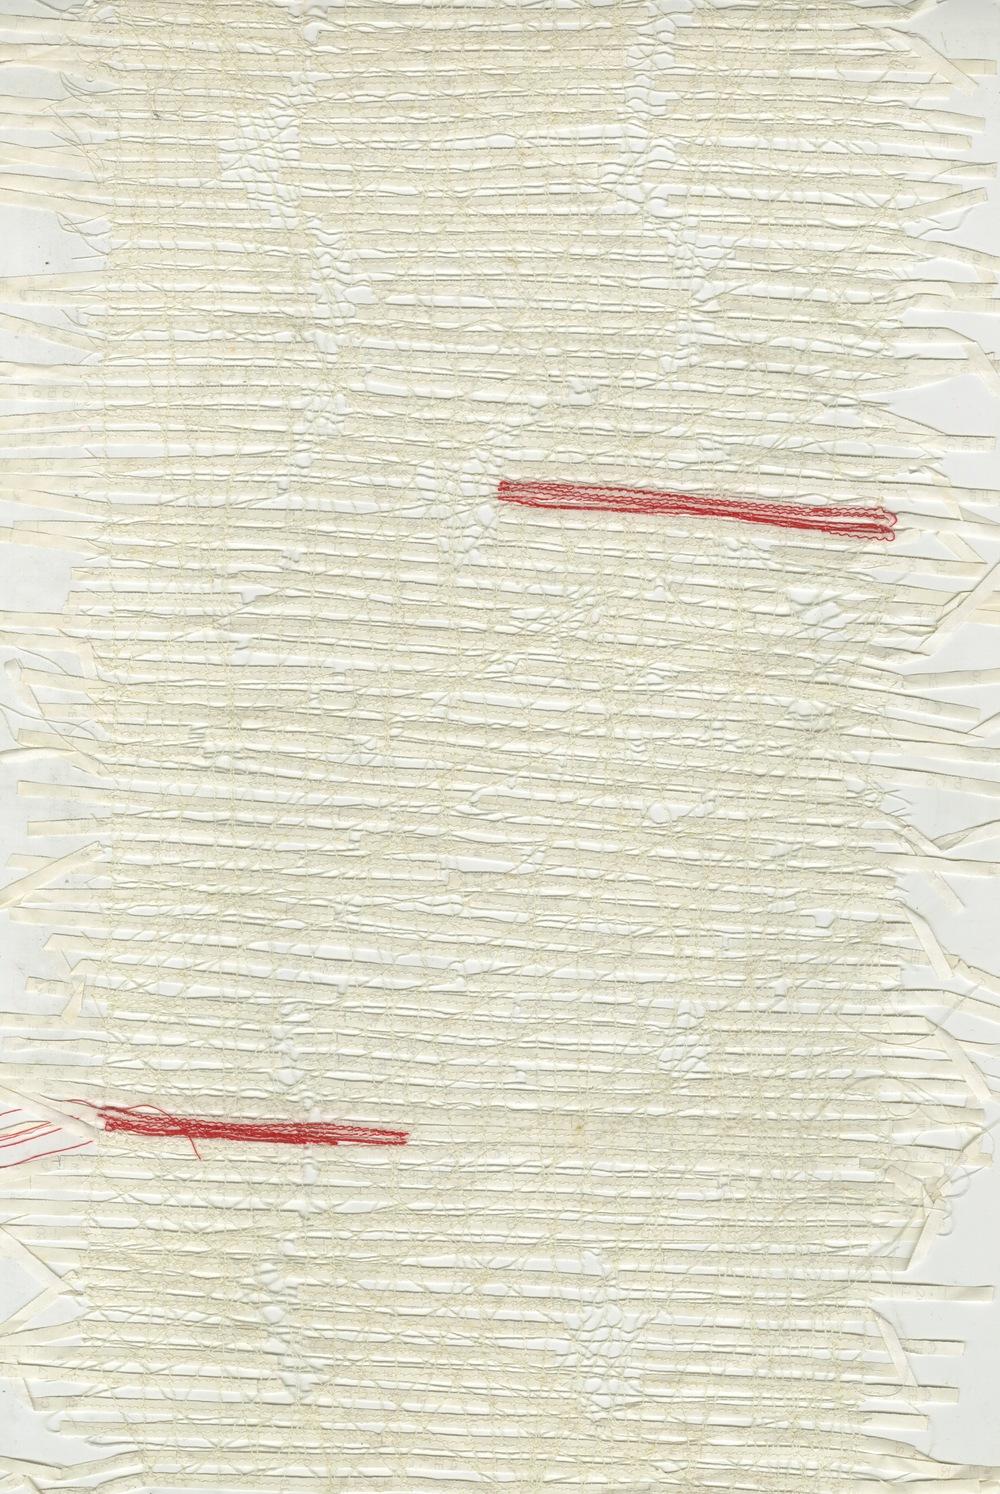 2014_paper_lace.jpeg